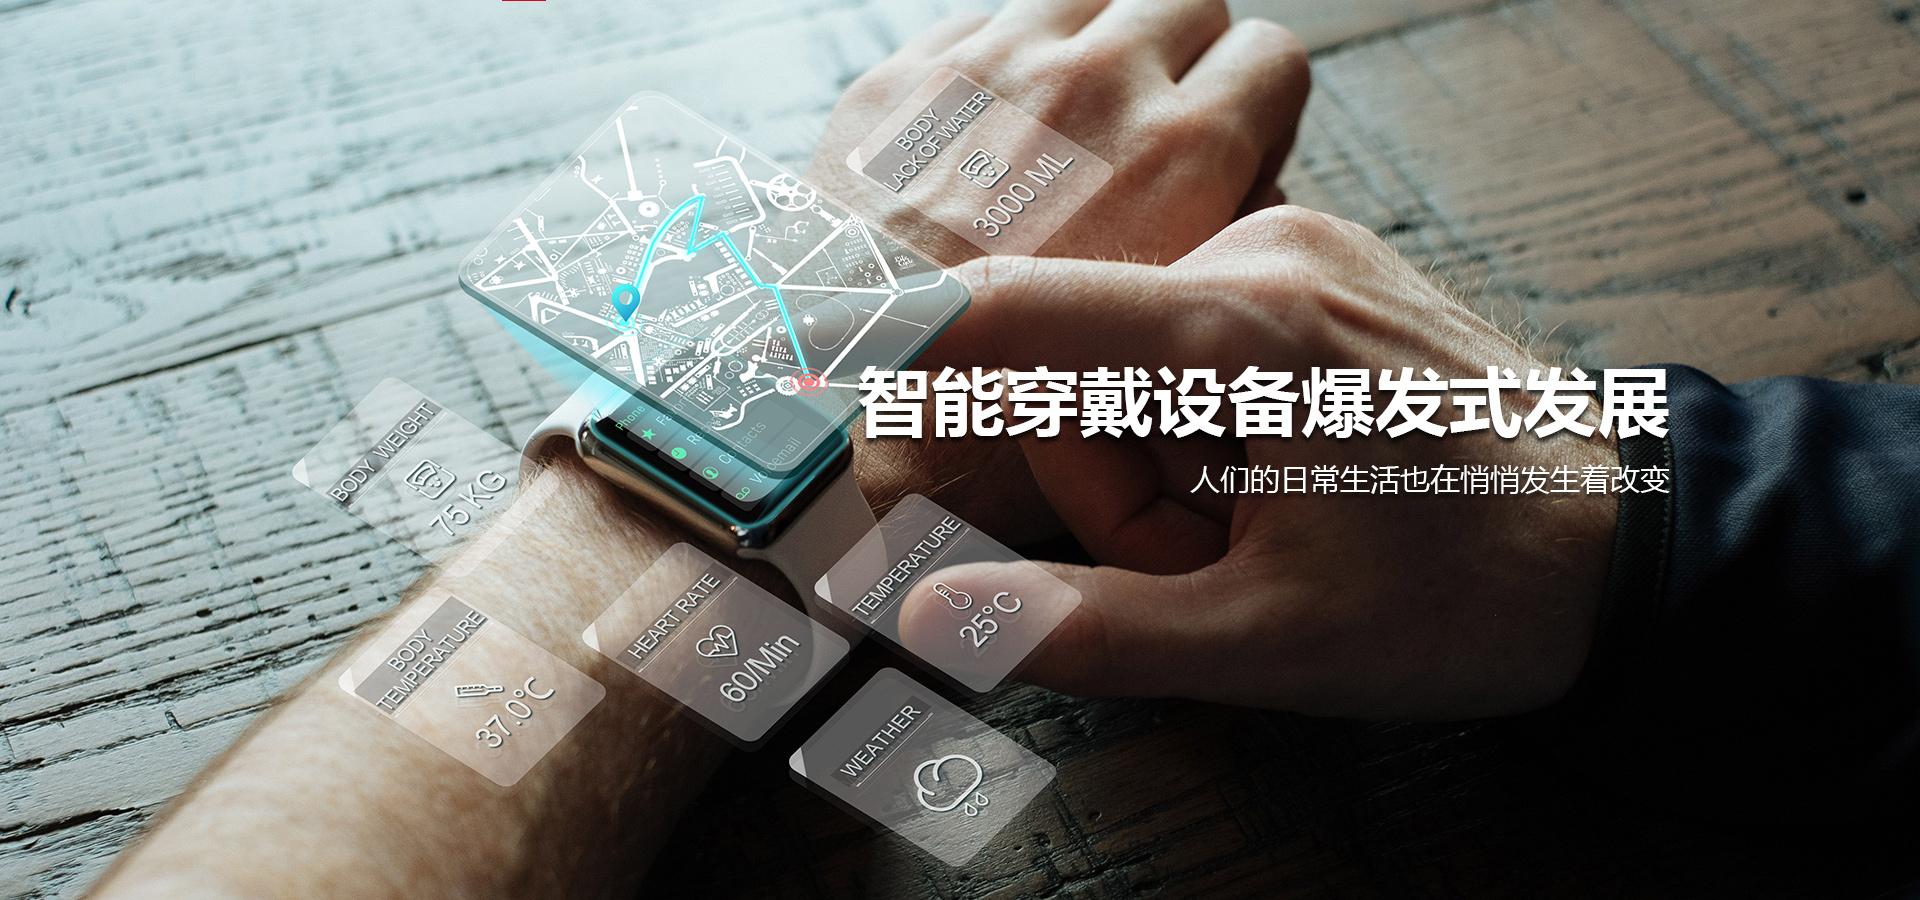 01-未来南孚-智能穿戴锂电池_04.jpg